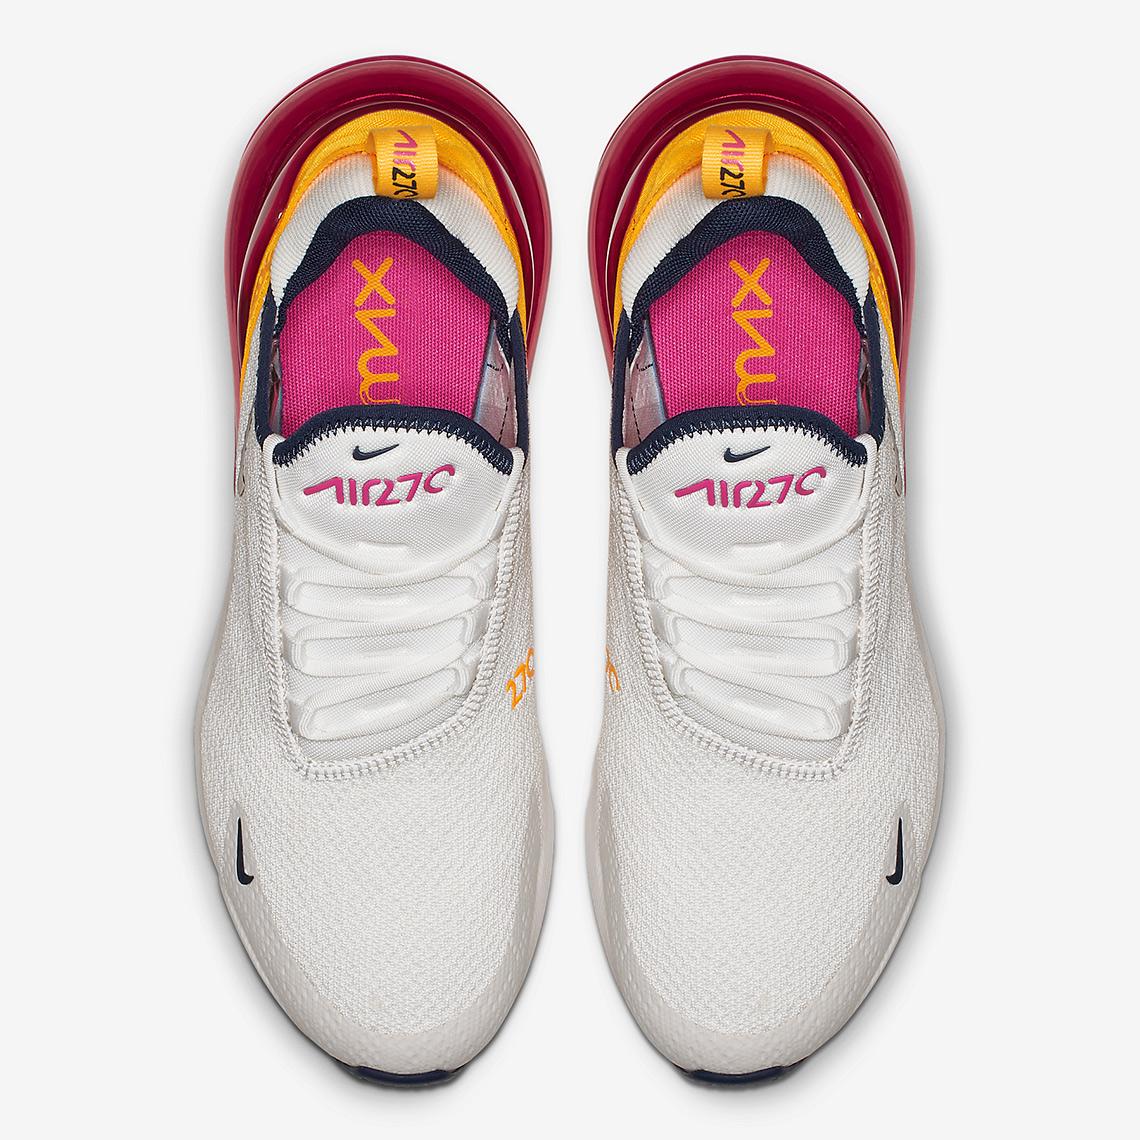 5bf94429c2b Nike Air Max 270 AH6789-106 Release Info